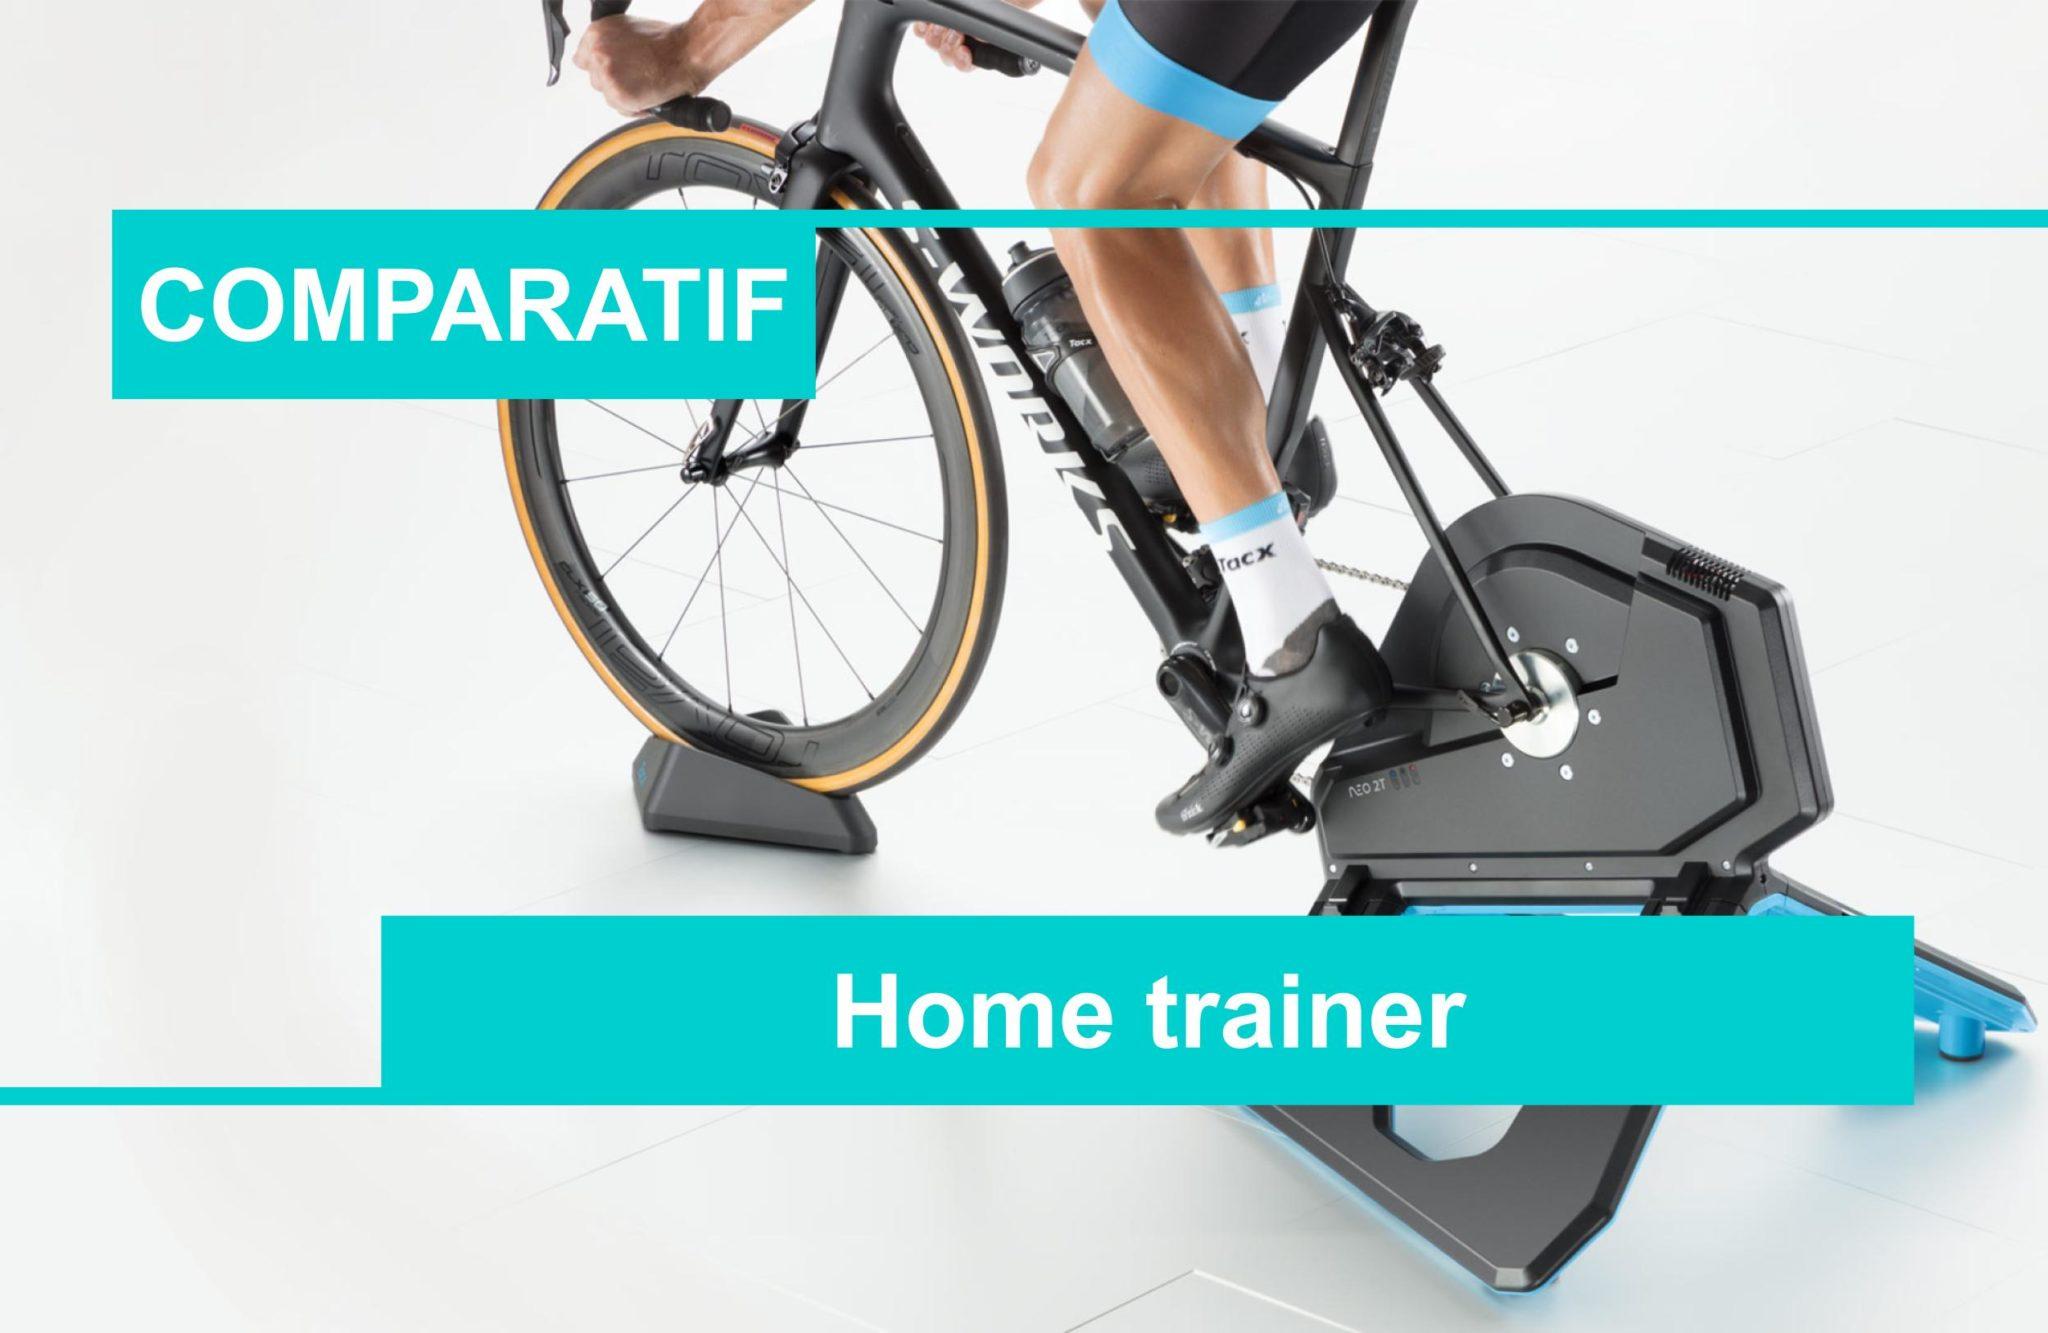 COMPARATIF meilleur home trainer